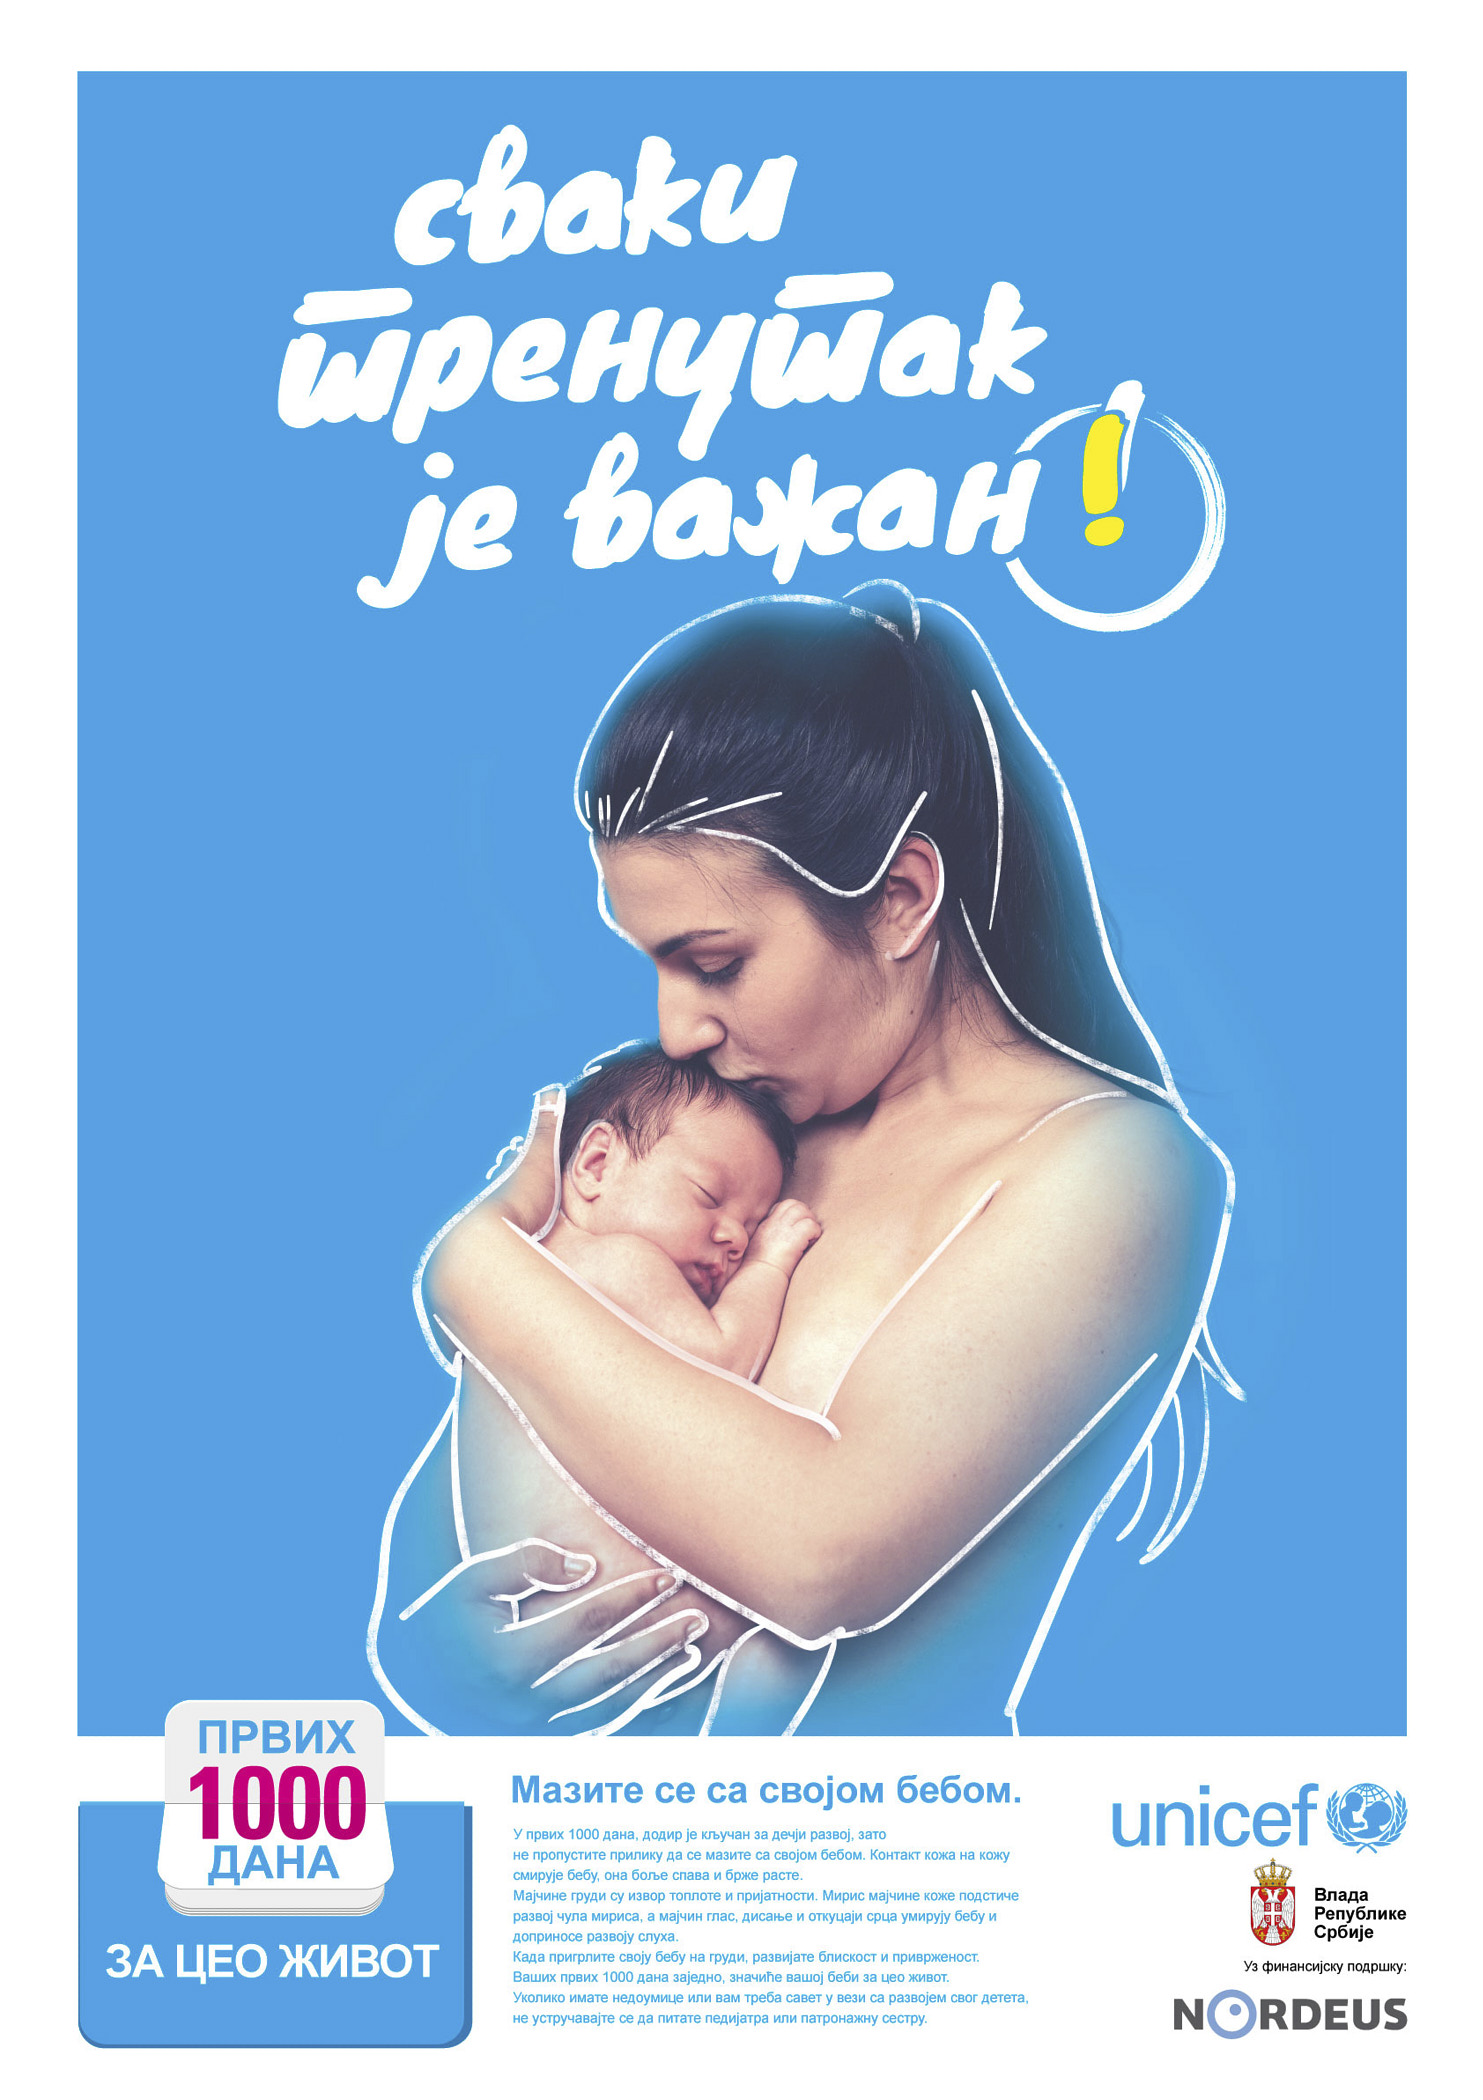 Unicef-1000dana-kv-odobren-pravac-razrada-final-fotka-REV-06-dodir